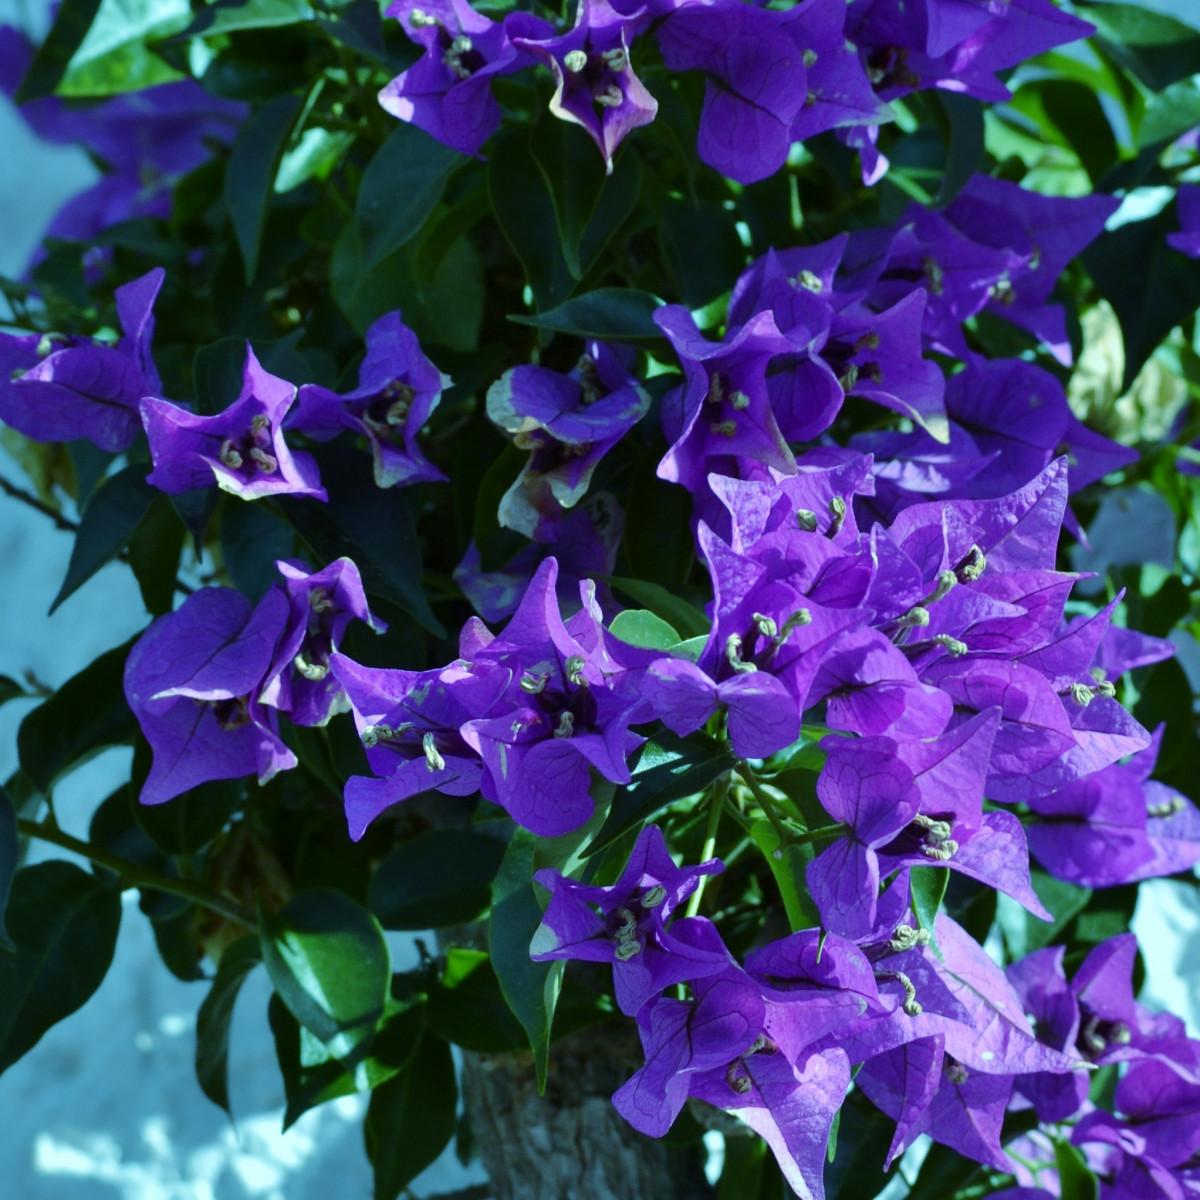 kostenlose foto blume lila bl tenblatt sommer busch bl hen garten flora jahreszeit. Black Bedroom Furniture Sets. Home Design Ideas